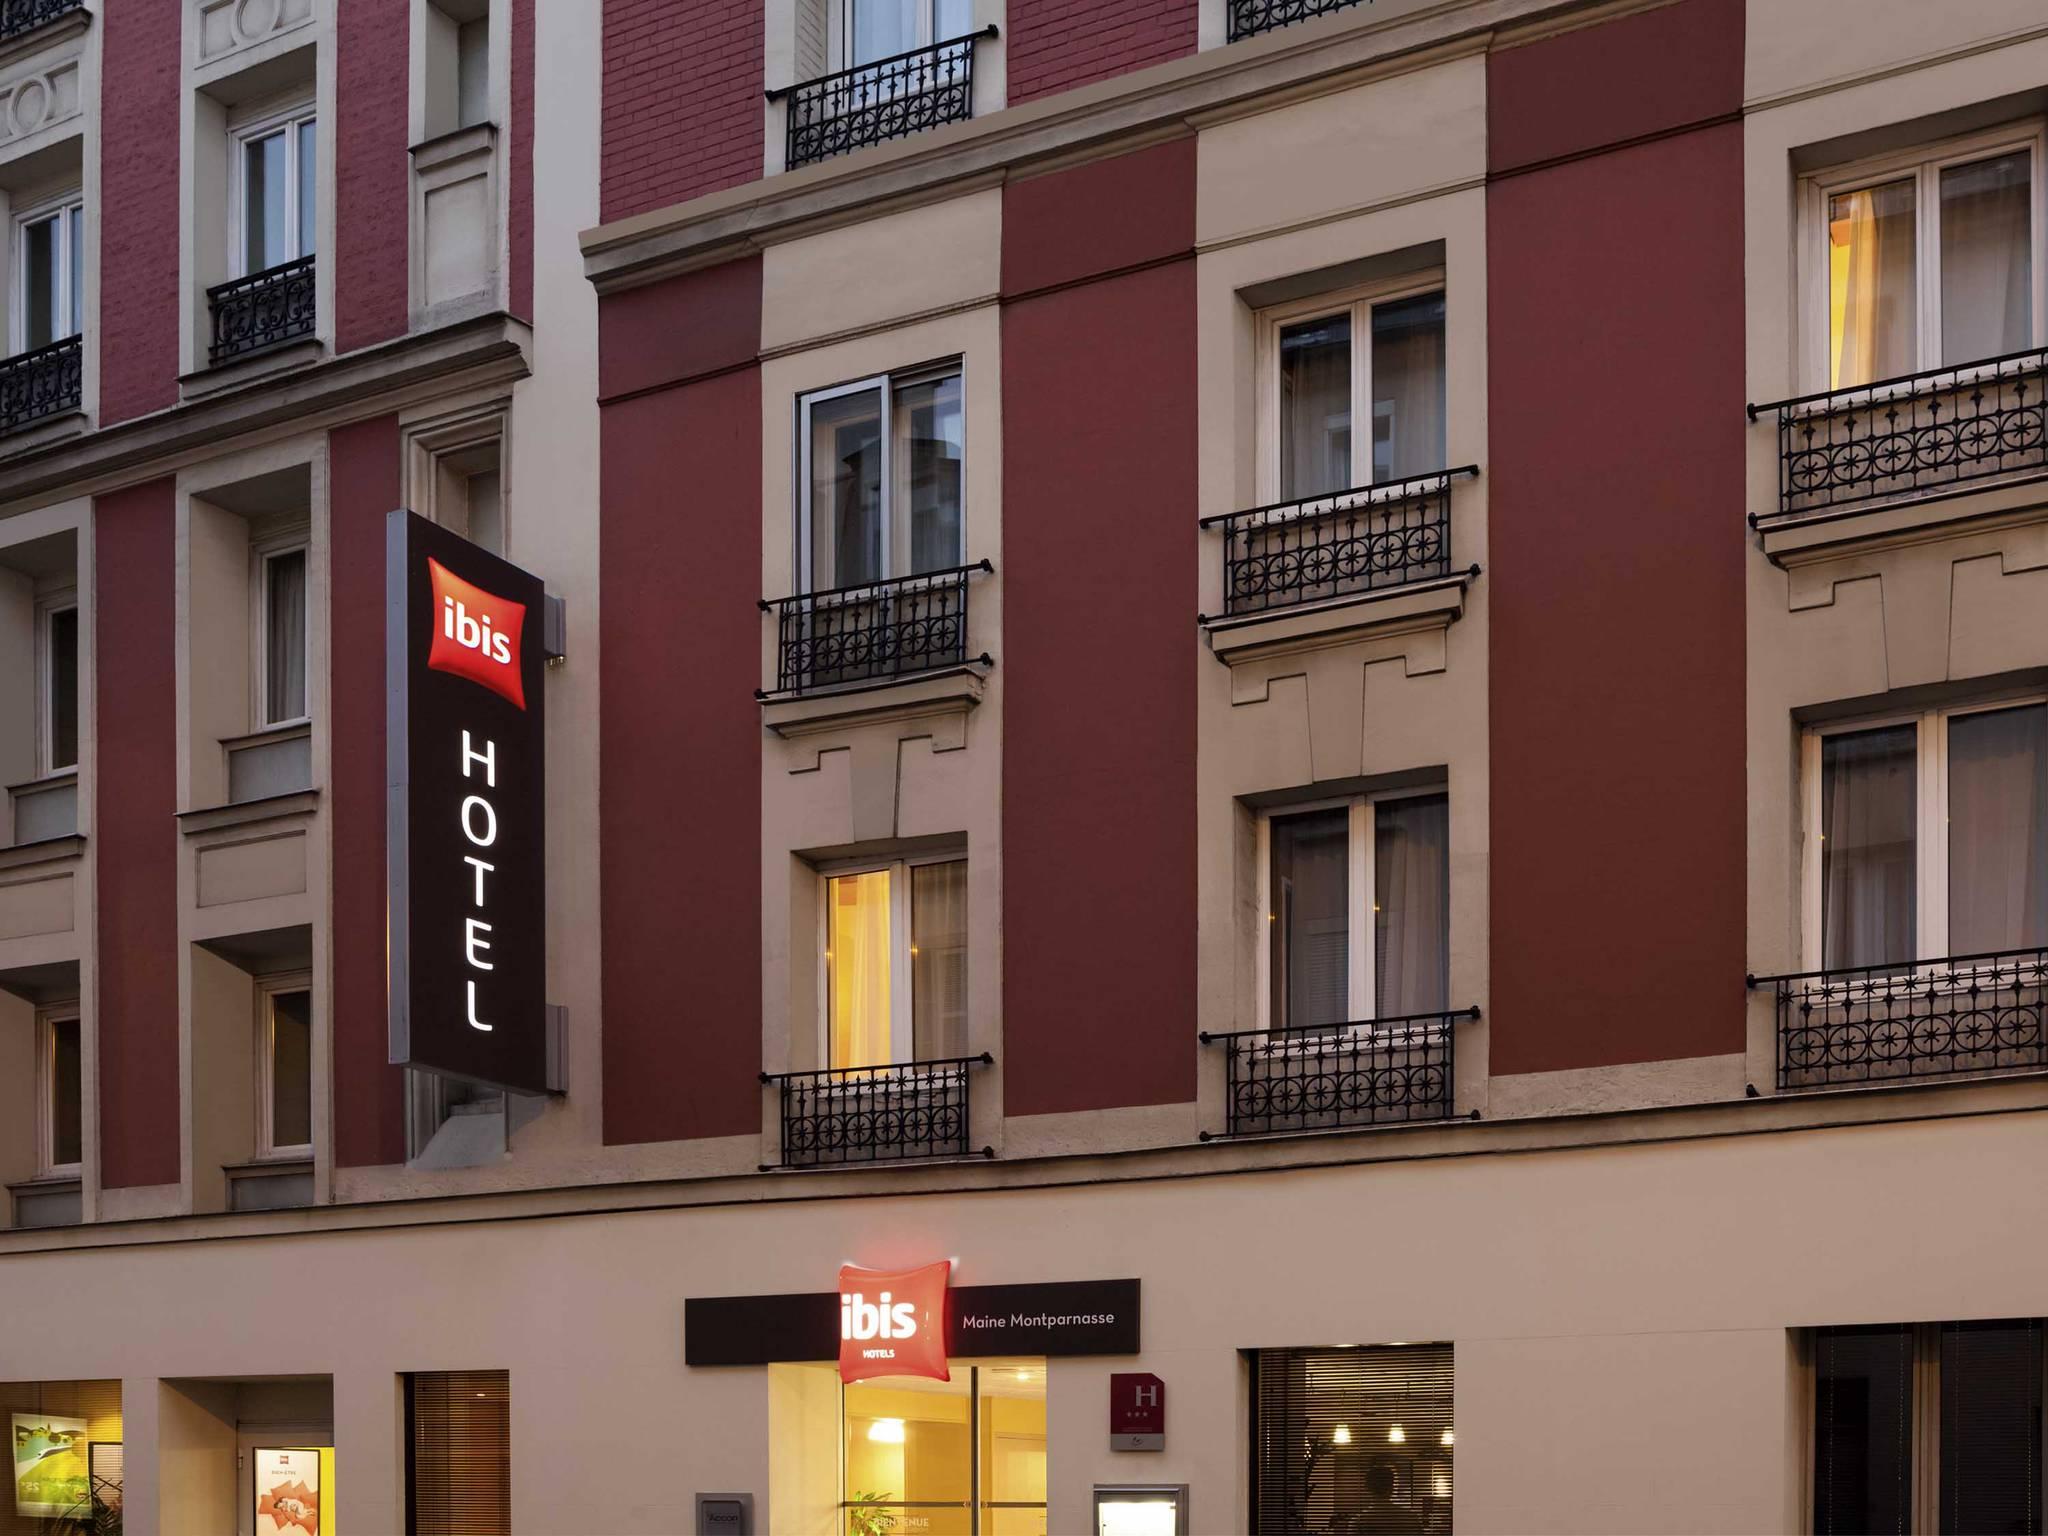 Hotel - ibis Paris Maine Montparnasse 14th